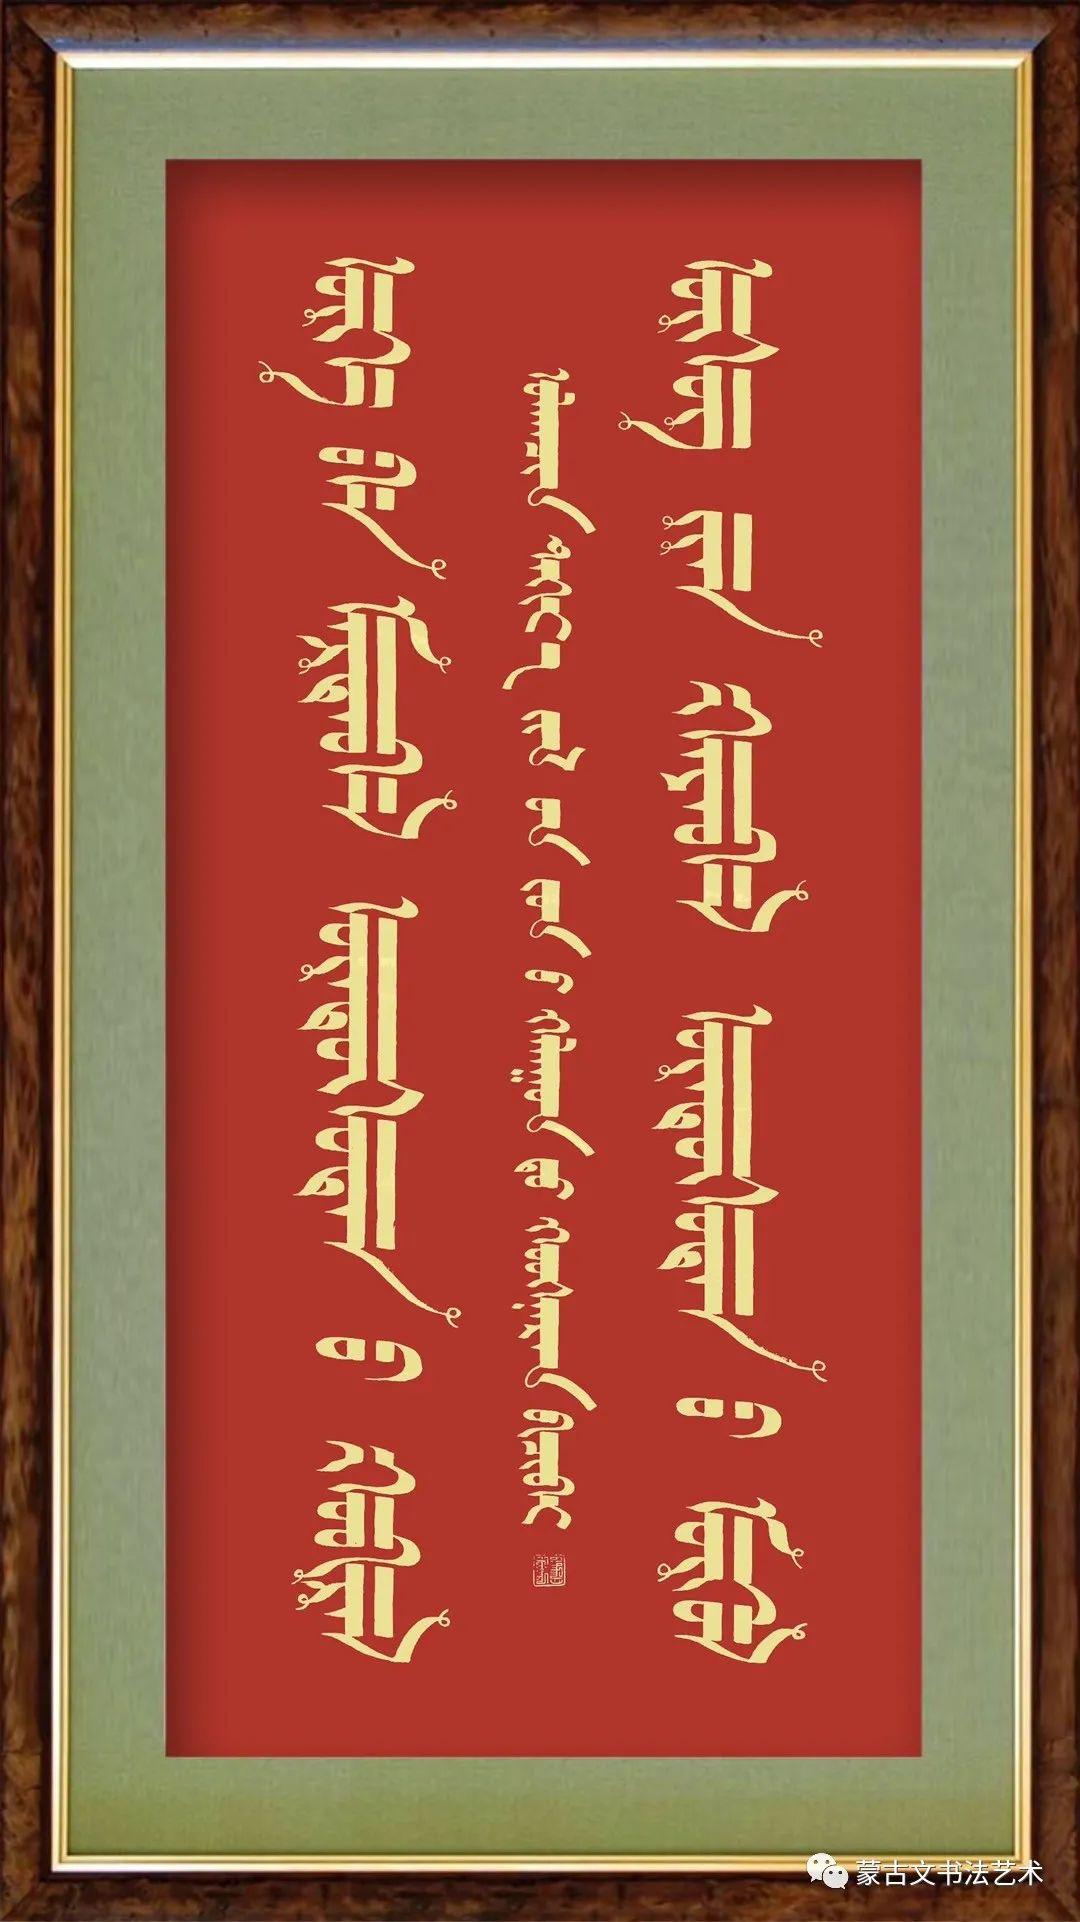 好斯那拉书法作品欣赏 第20张 好斯那拉书法作品欣赏 蒙古书法